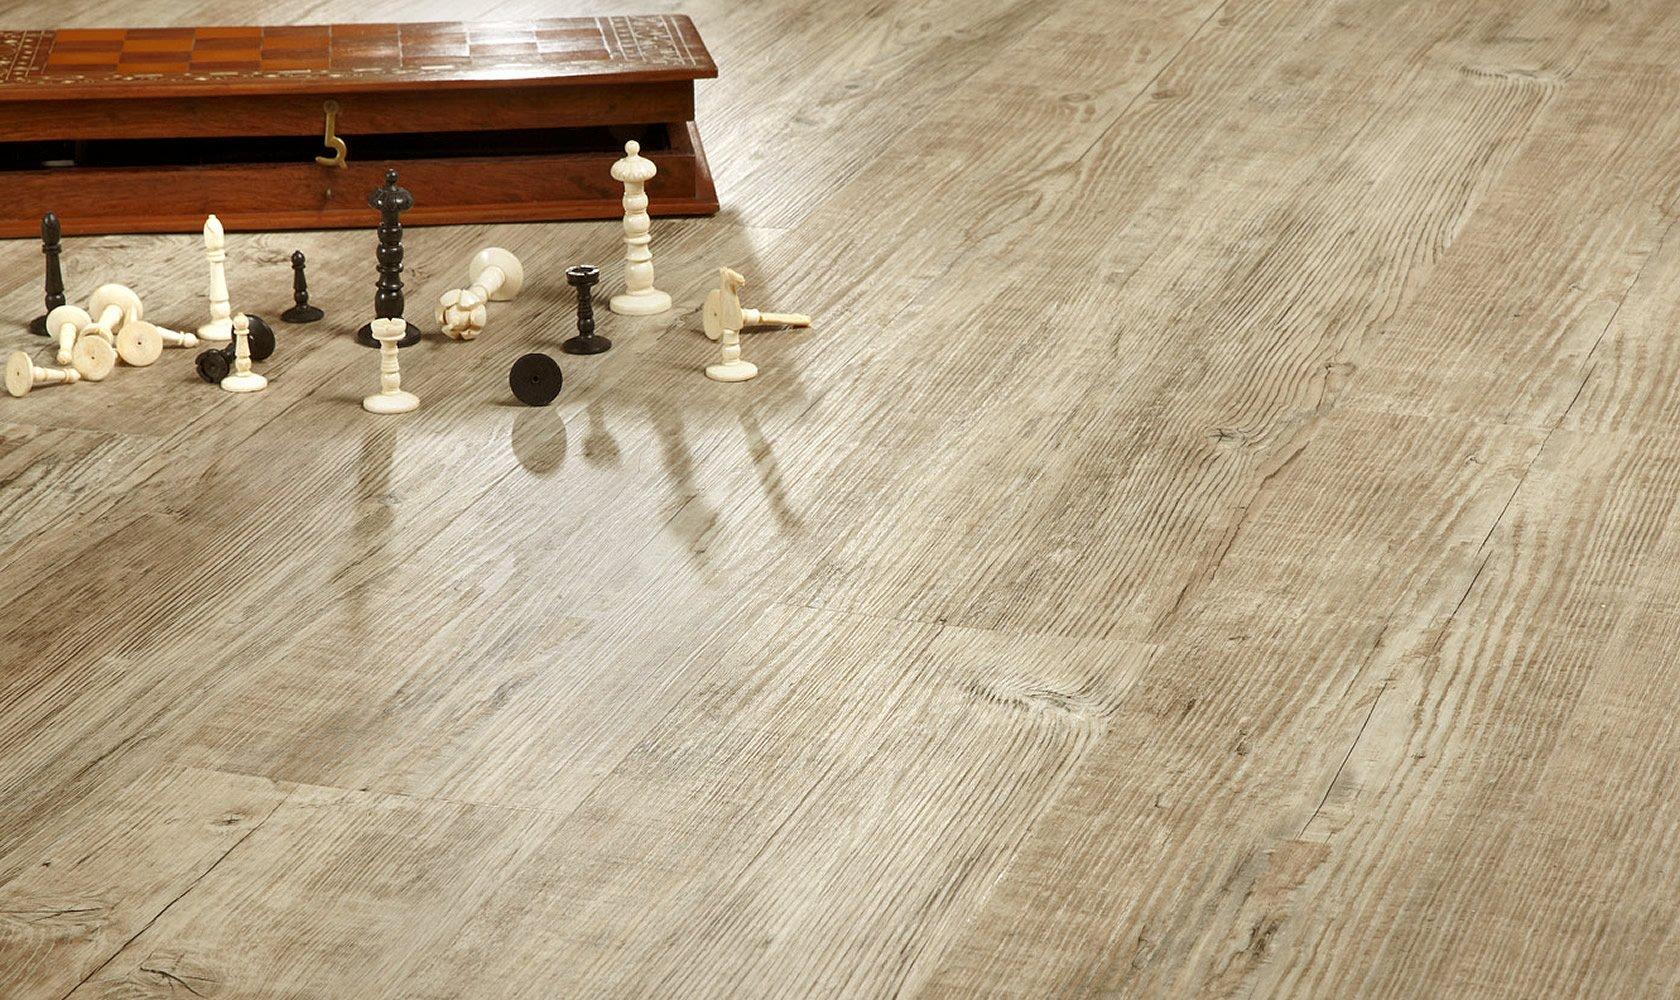 Виниловая плитка в современном интерьере, плюсы и минусы